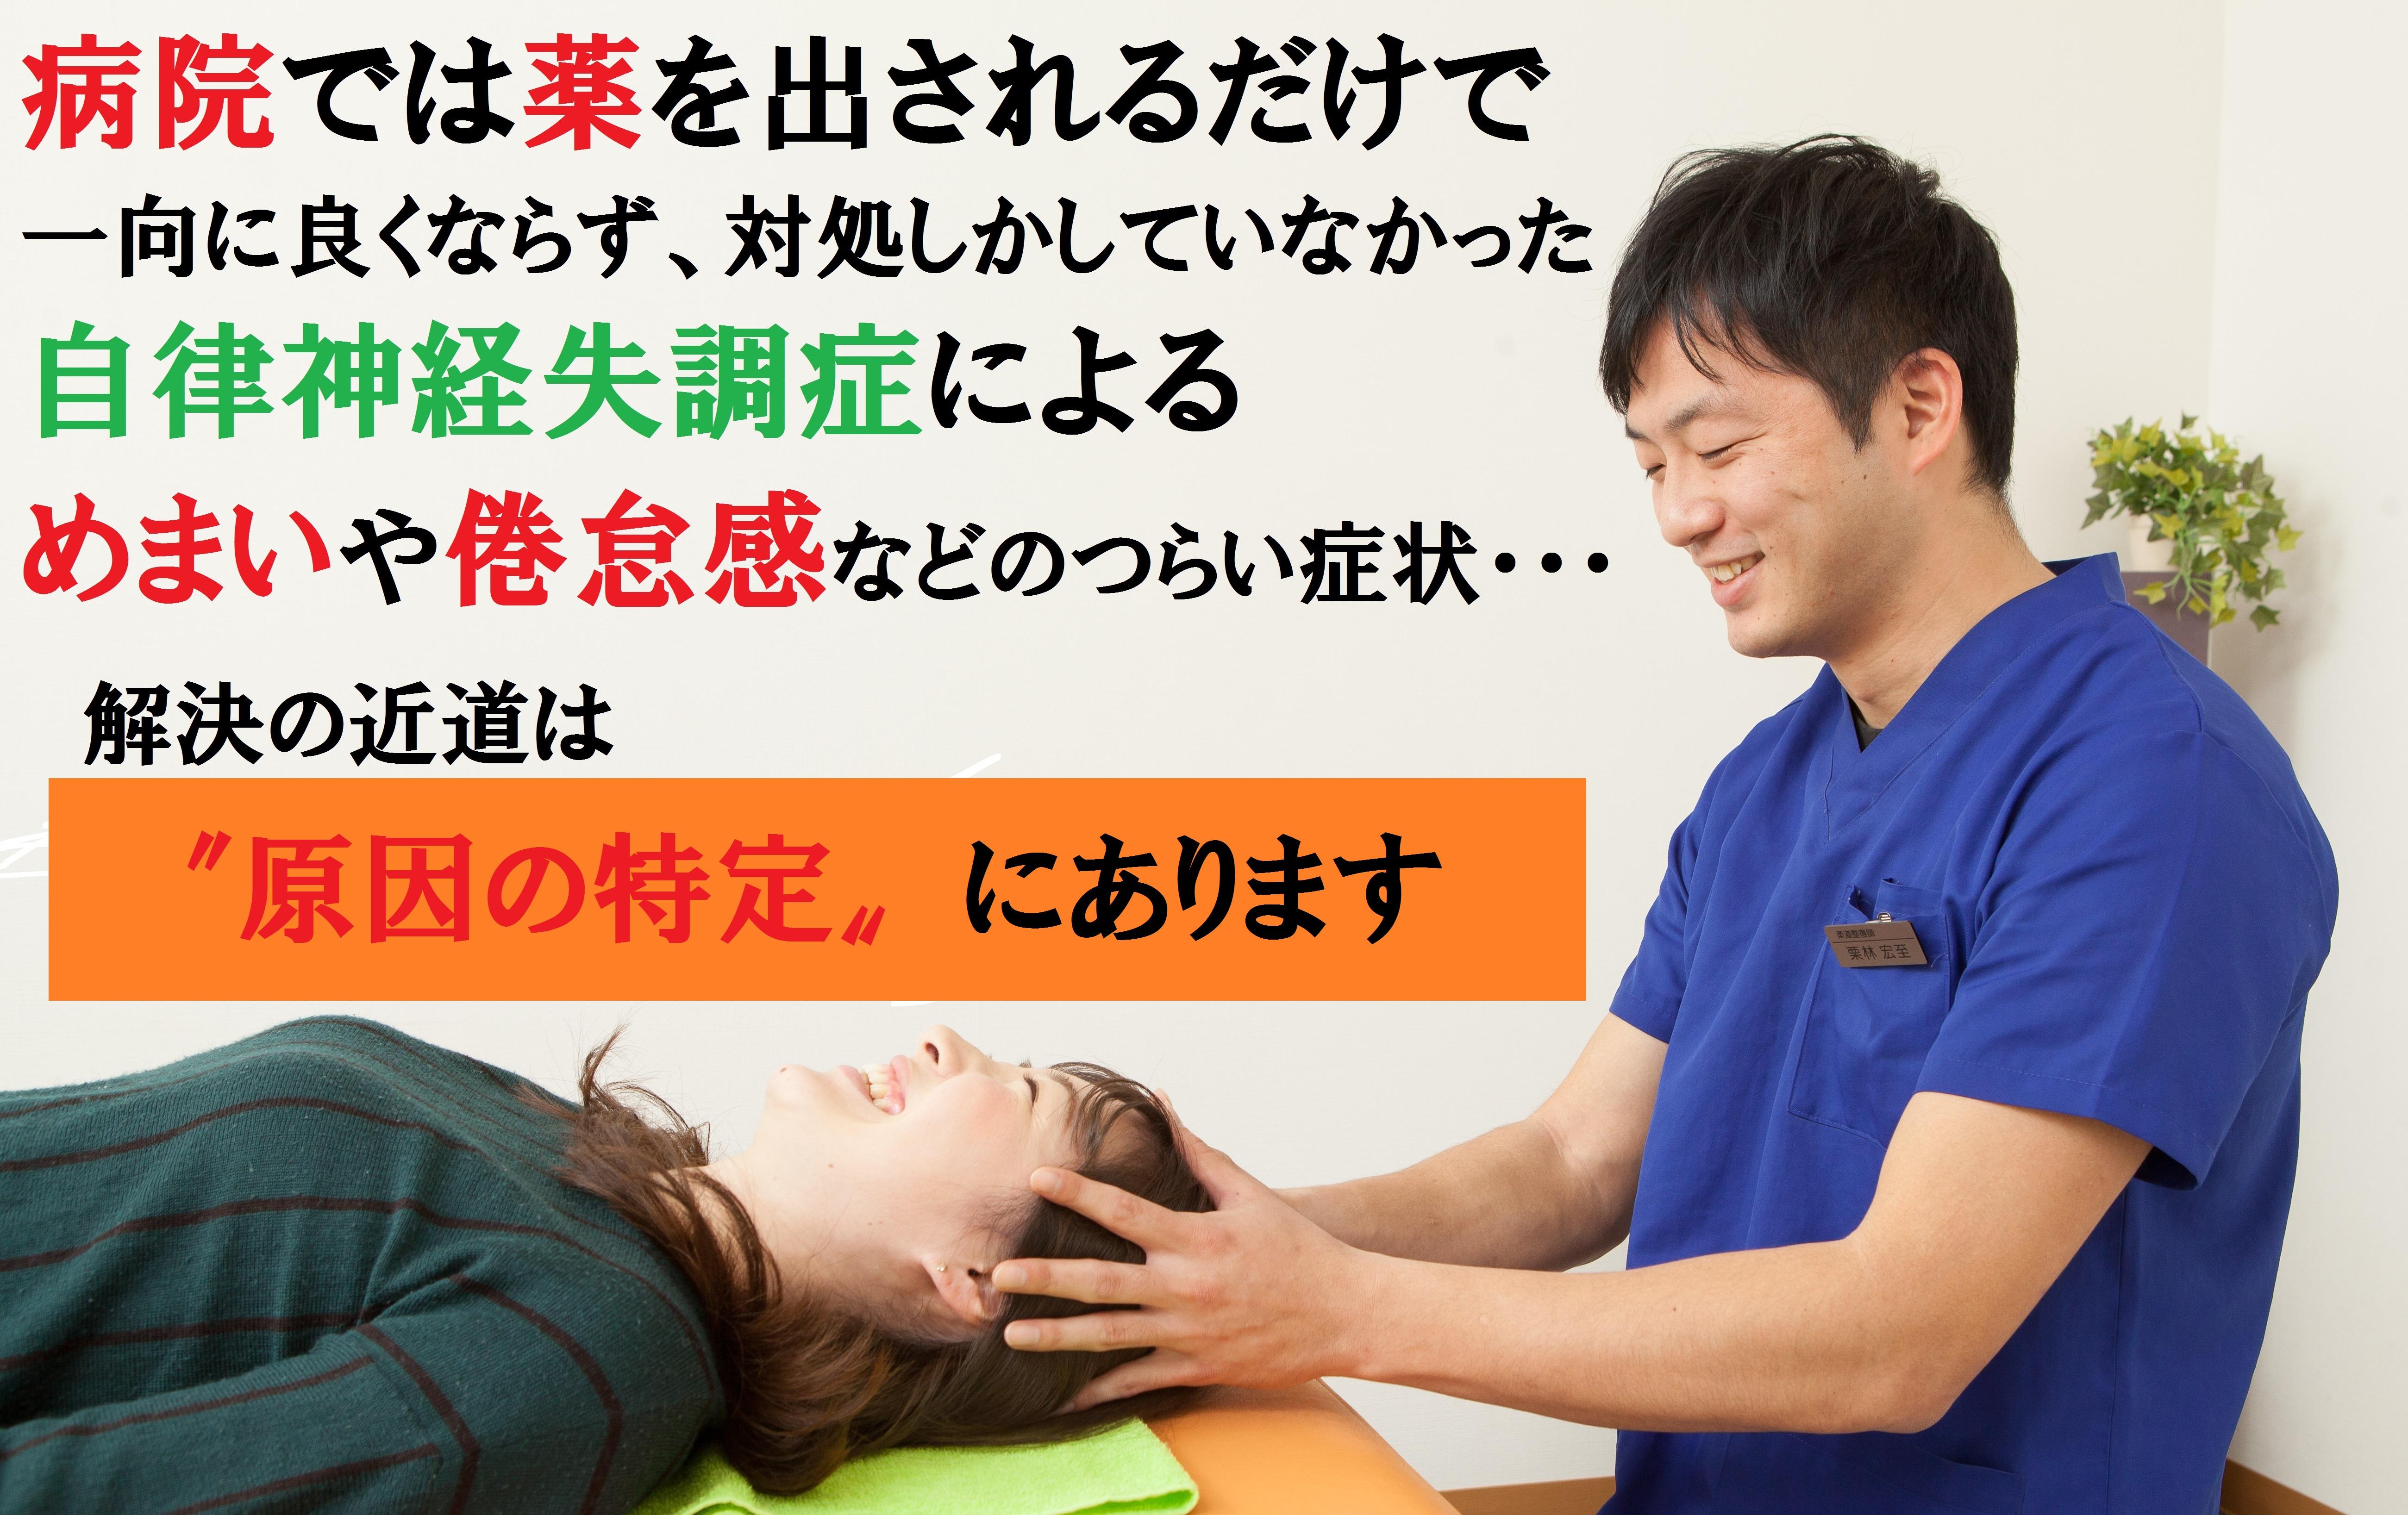 病院では特に治療もされず、薬だけだされている自律神経失調症が・・・なぜ?当院の施術で不調から解放され、薬のない生活を手に入れることができるのか?